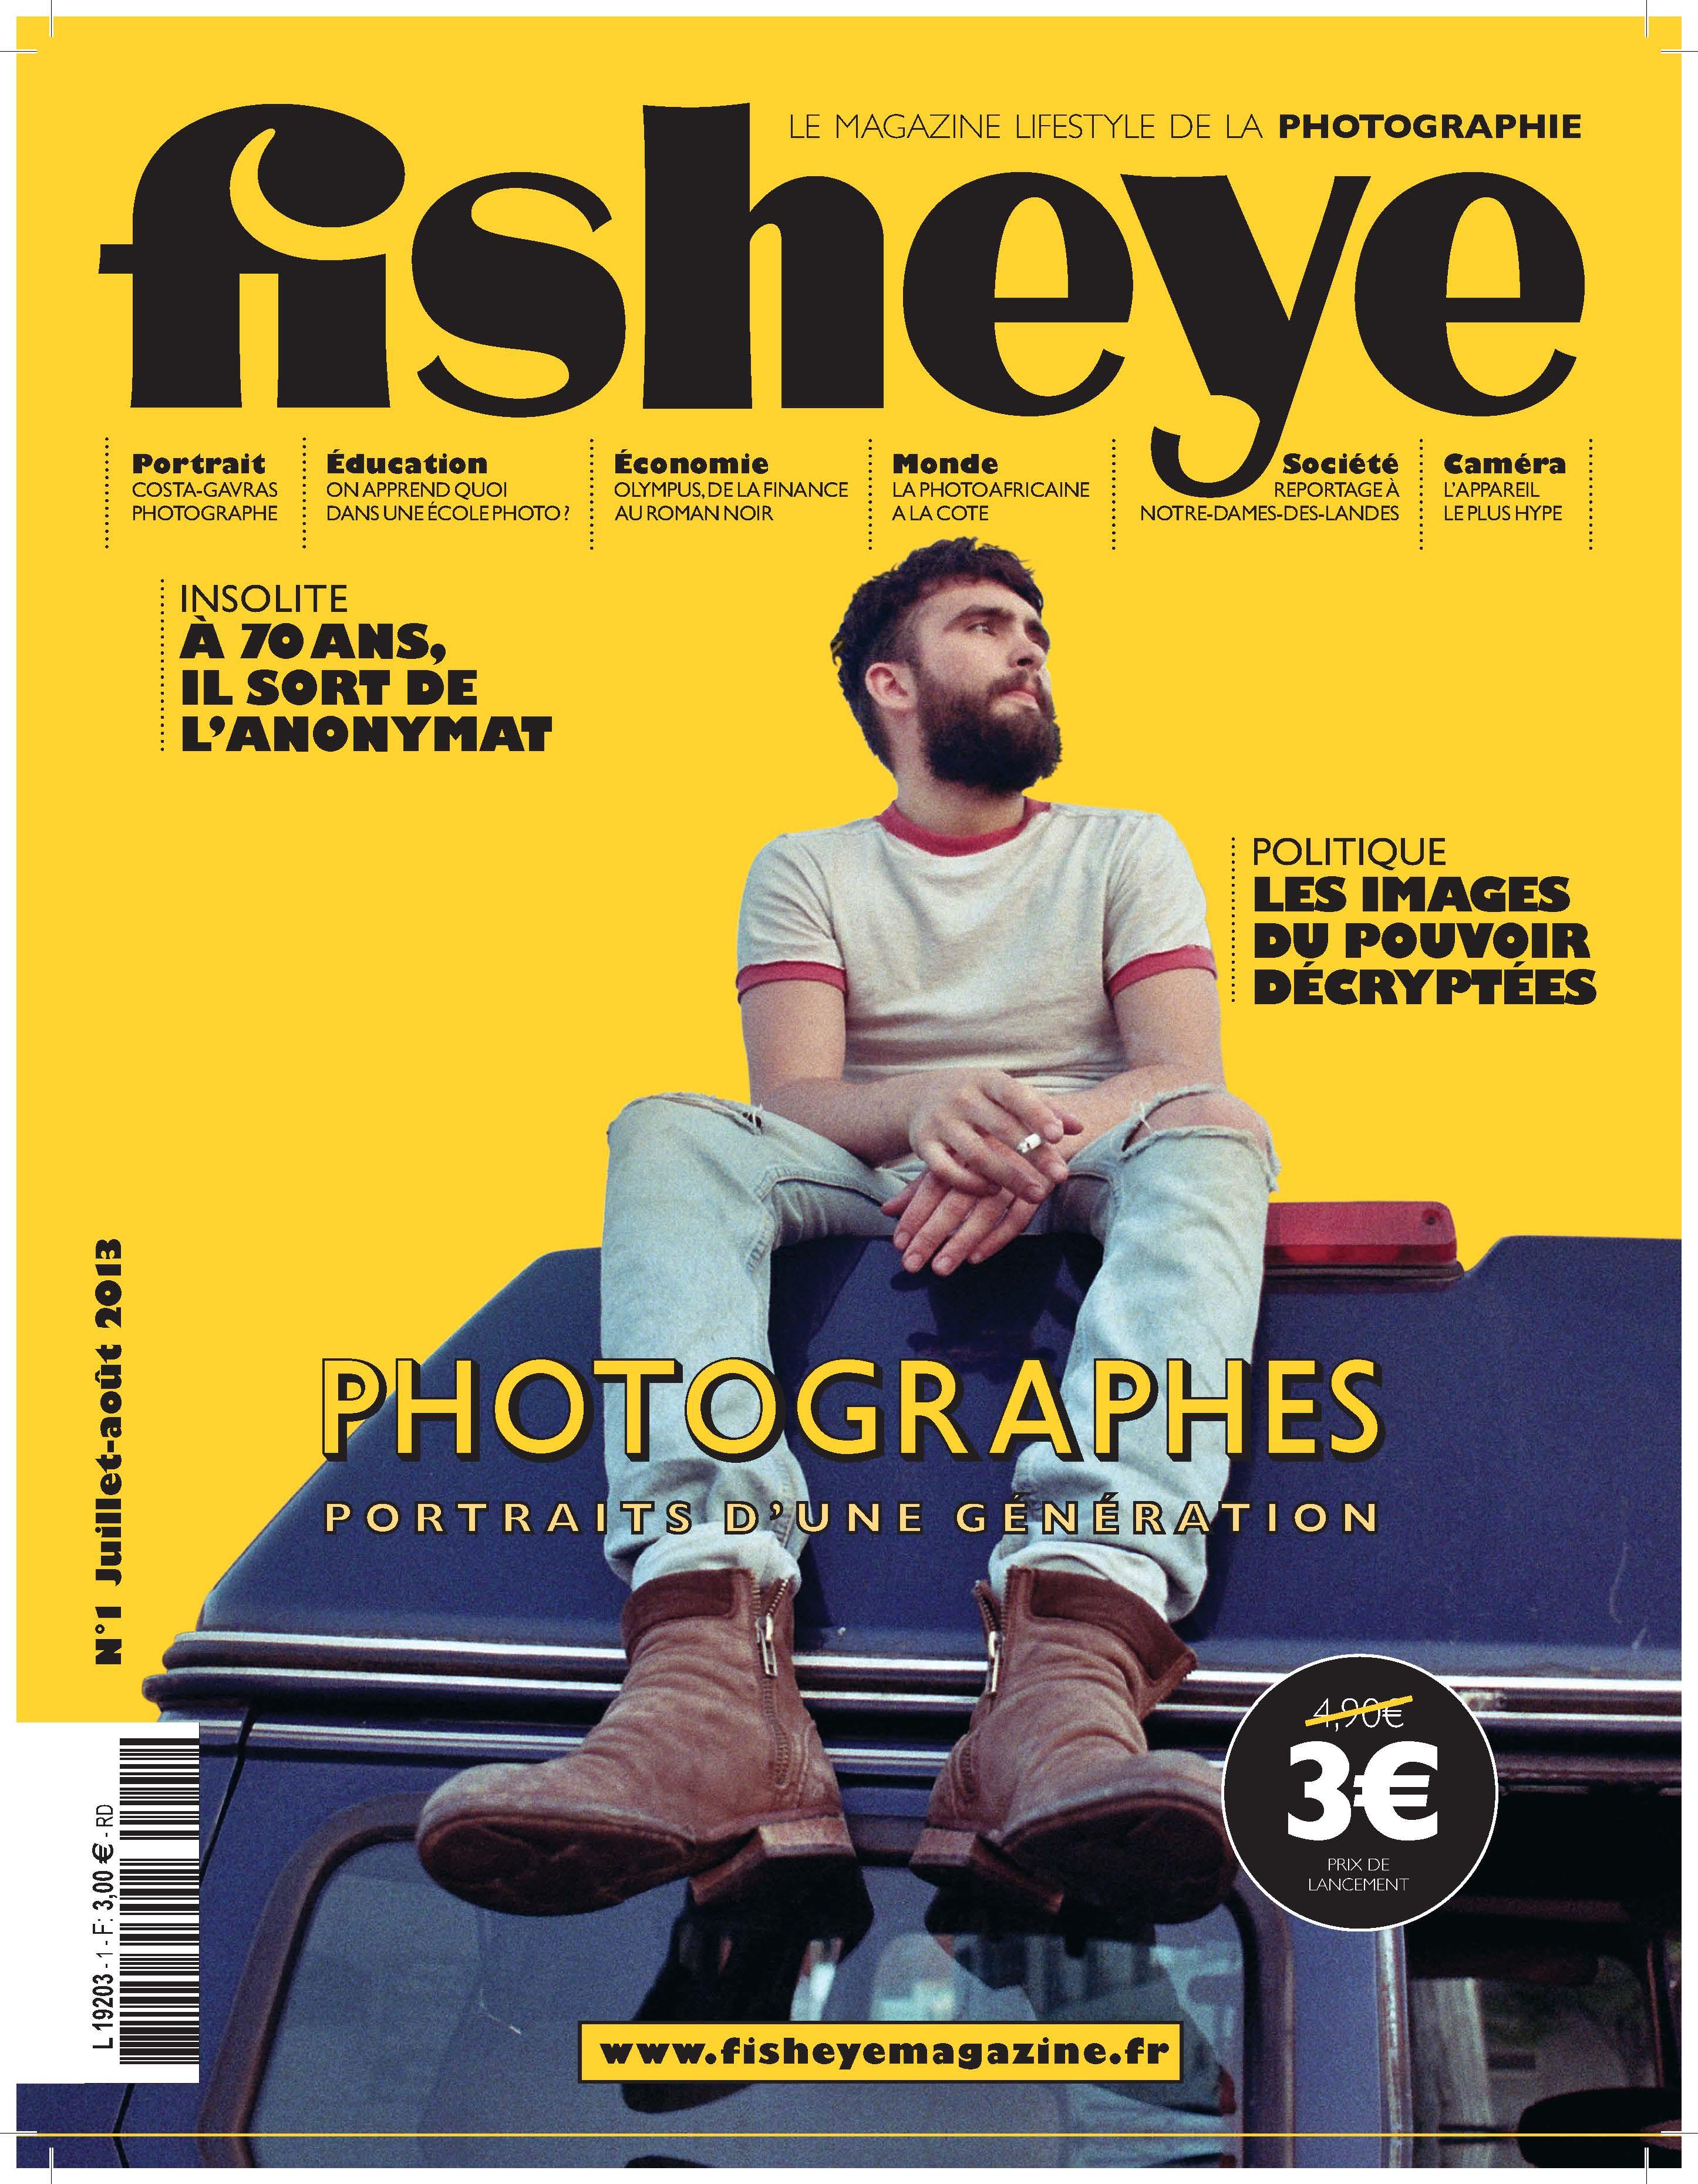 La couverture du 1er numéro de Fisheye